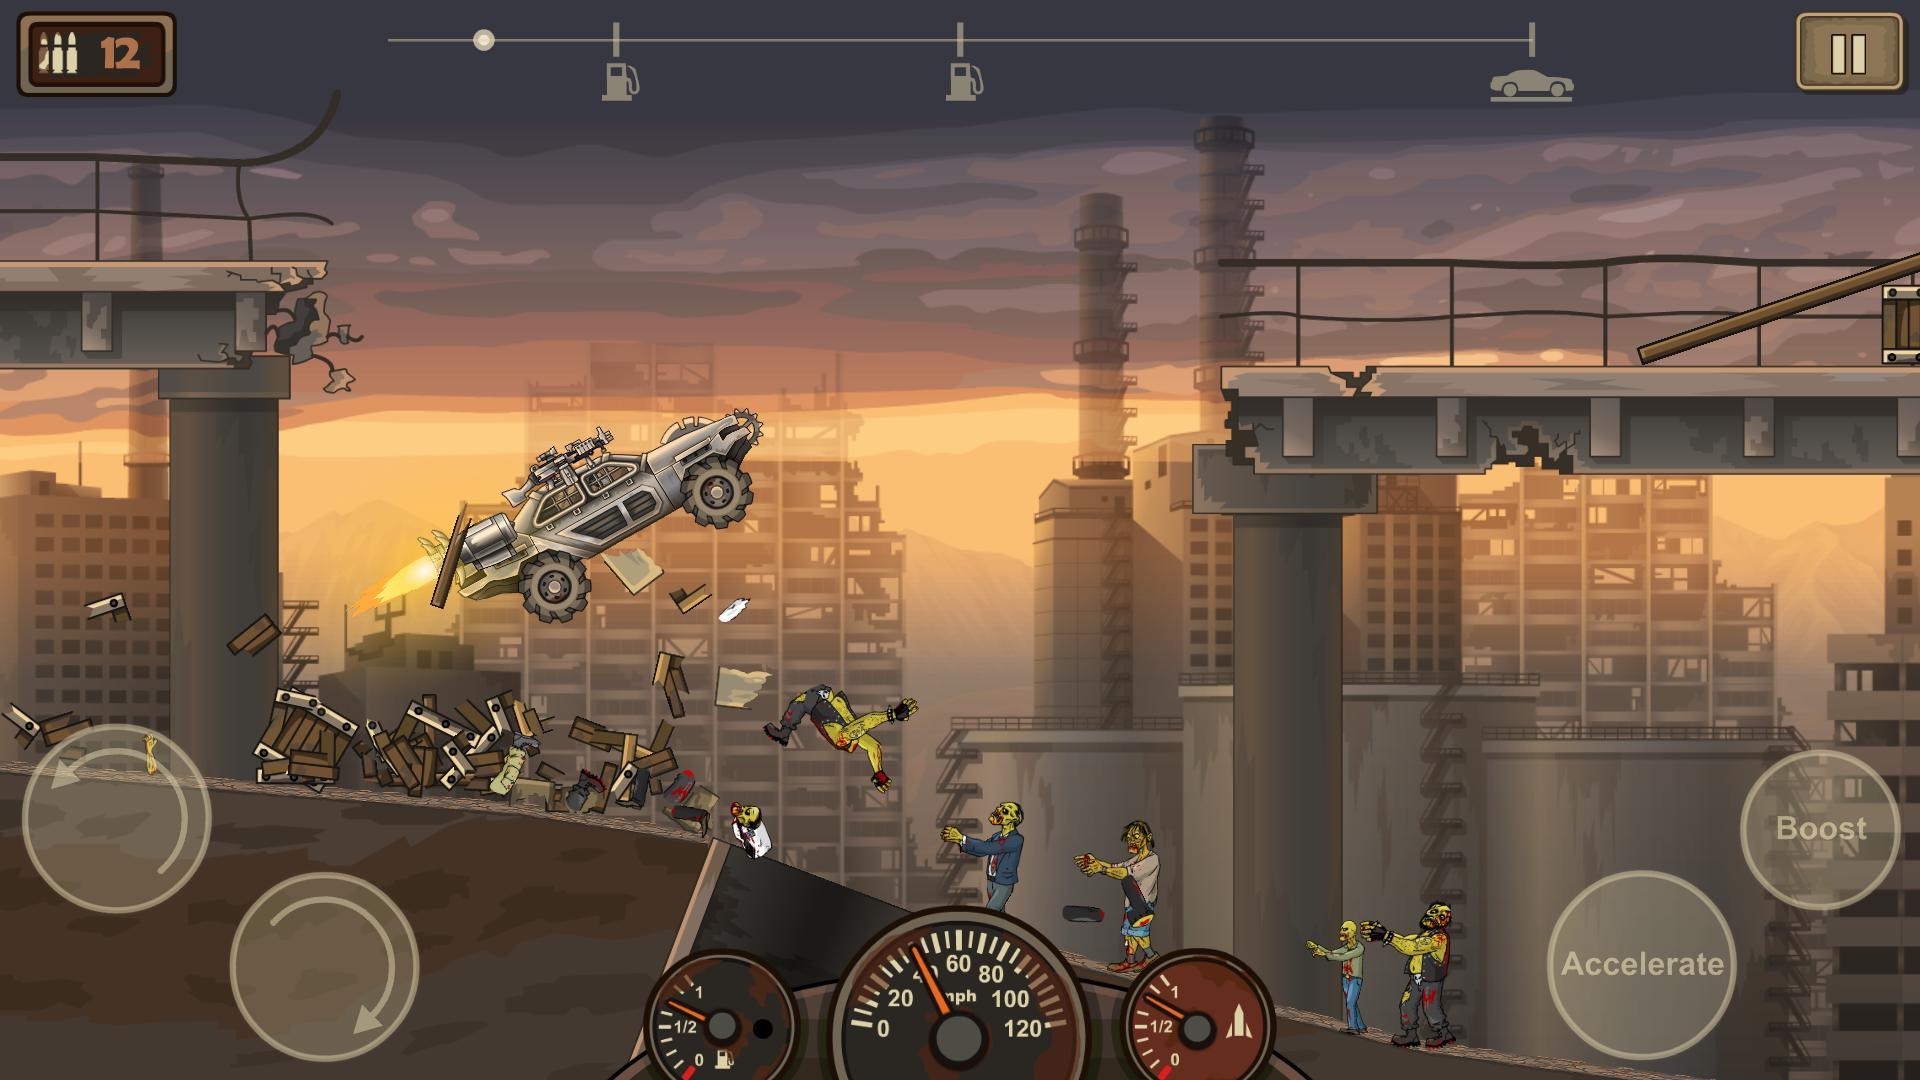 AppFollow назвала игры с самыми высокими средними рейтингами в России за 2020 год